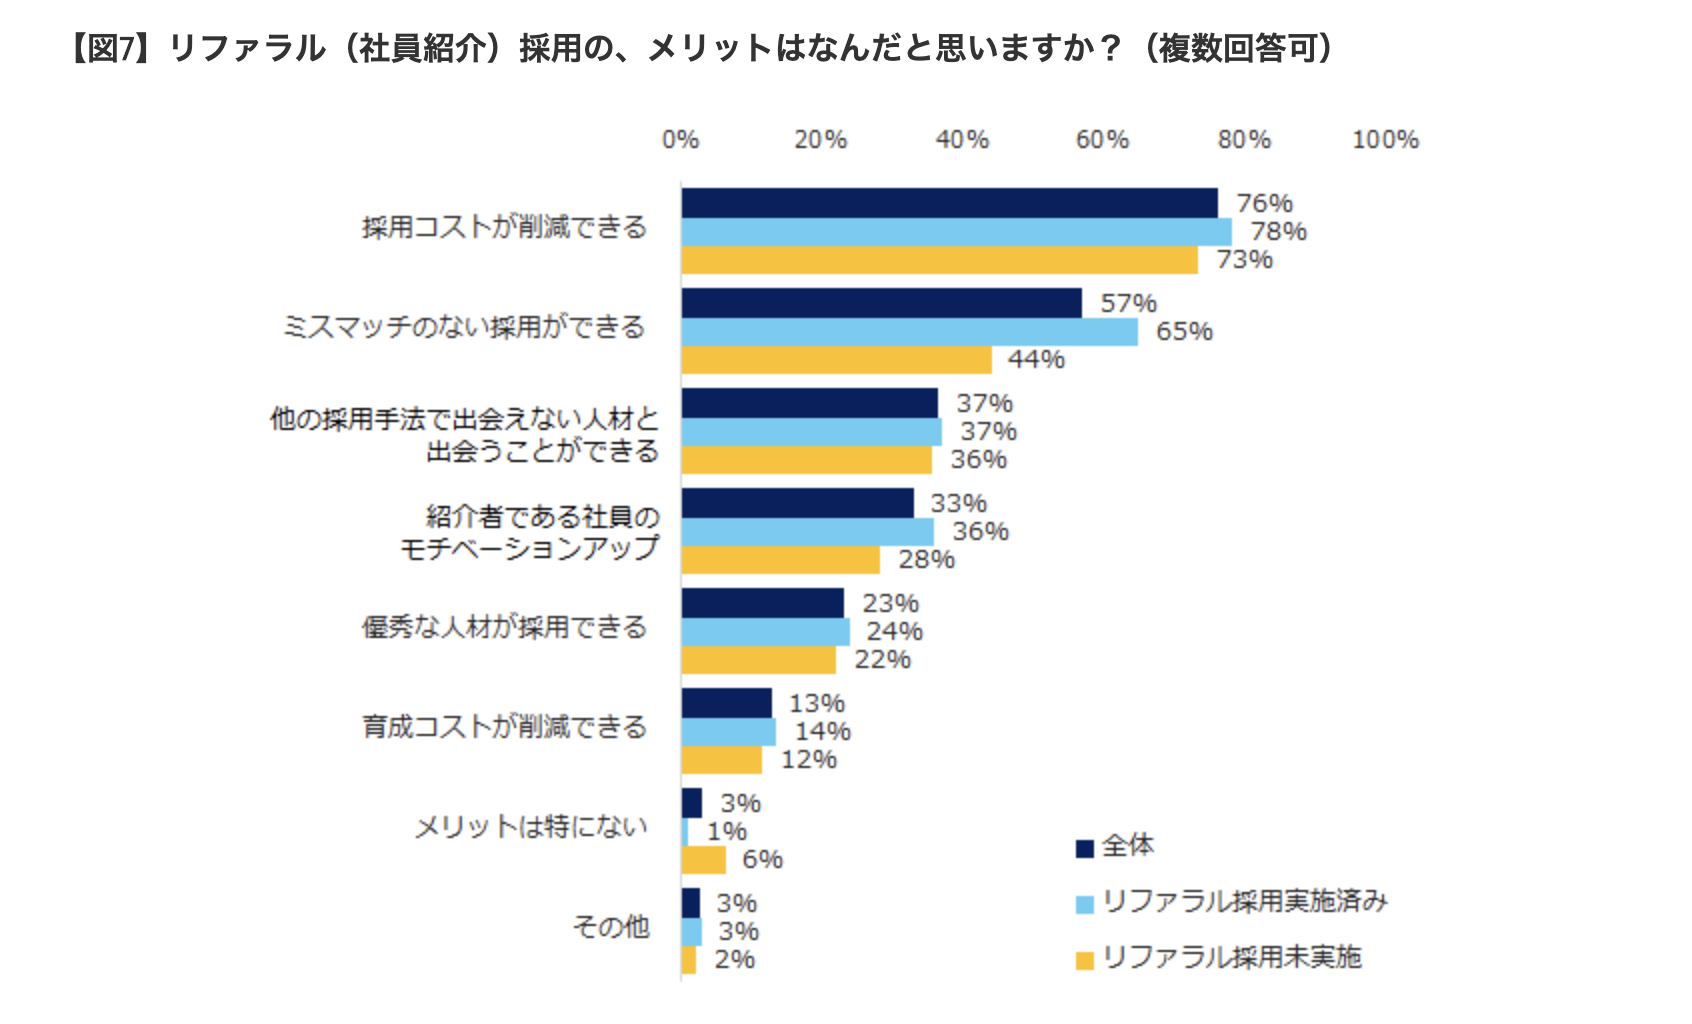 リファラル採用のメリットについての統計表